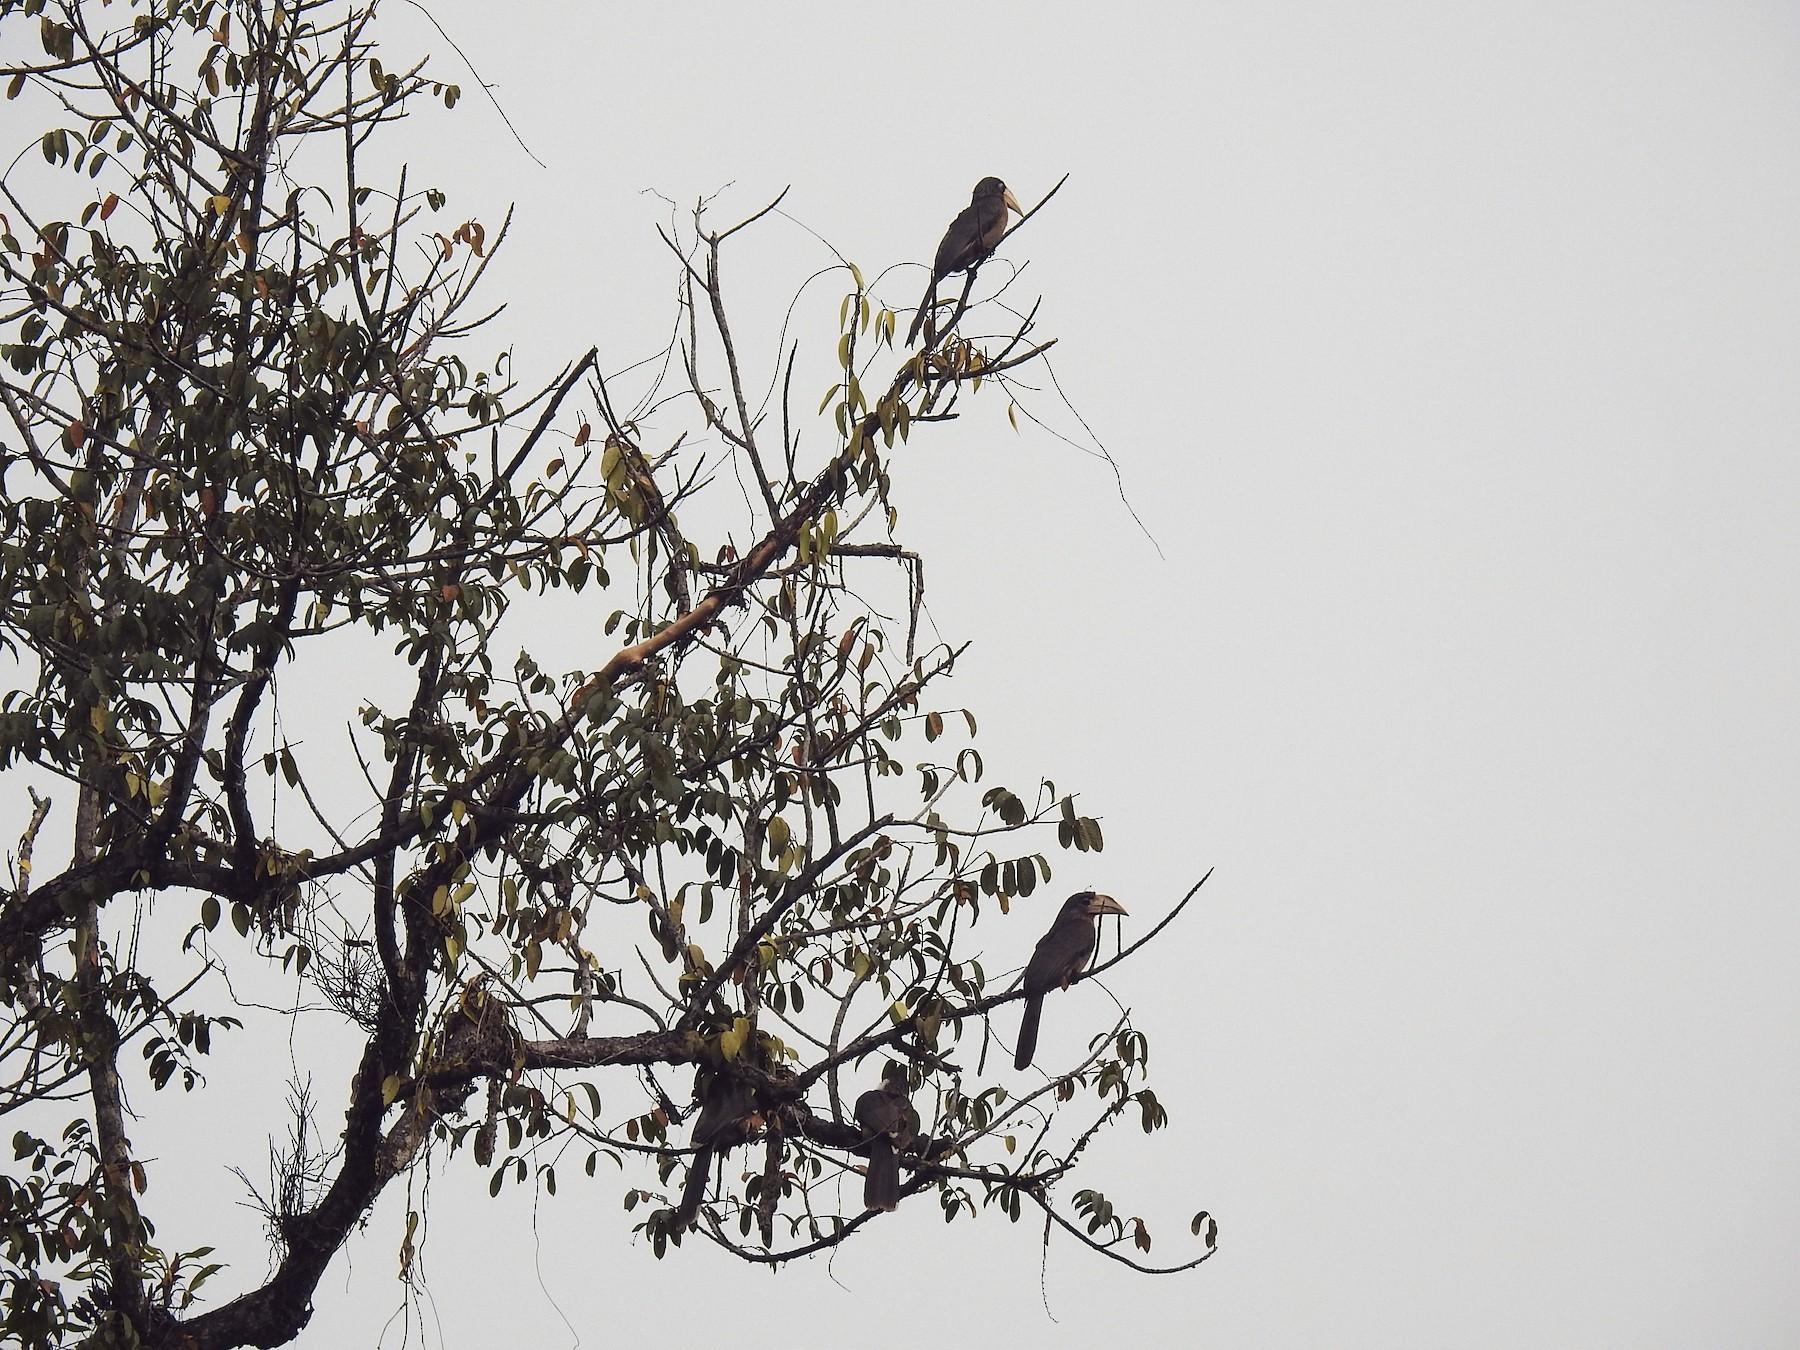 Brown Hornbill - Aparajita Datta